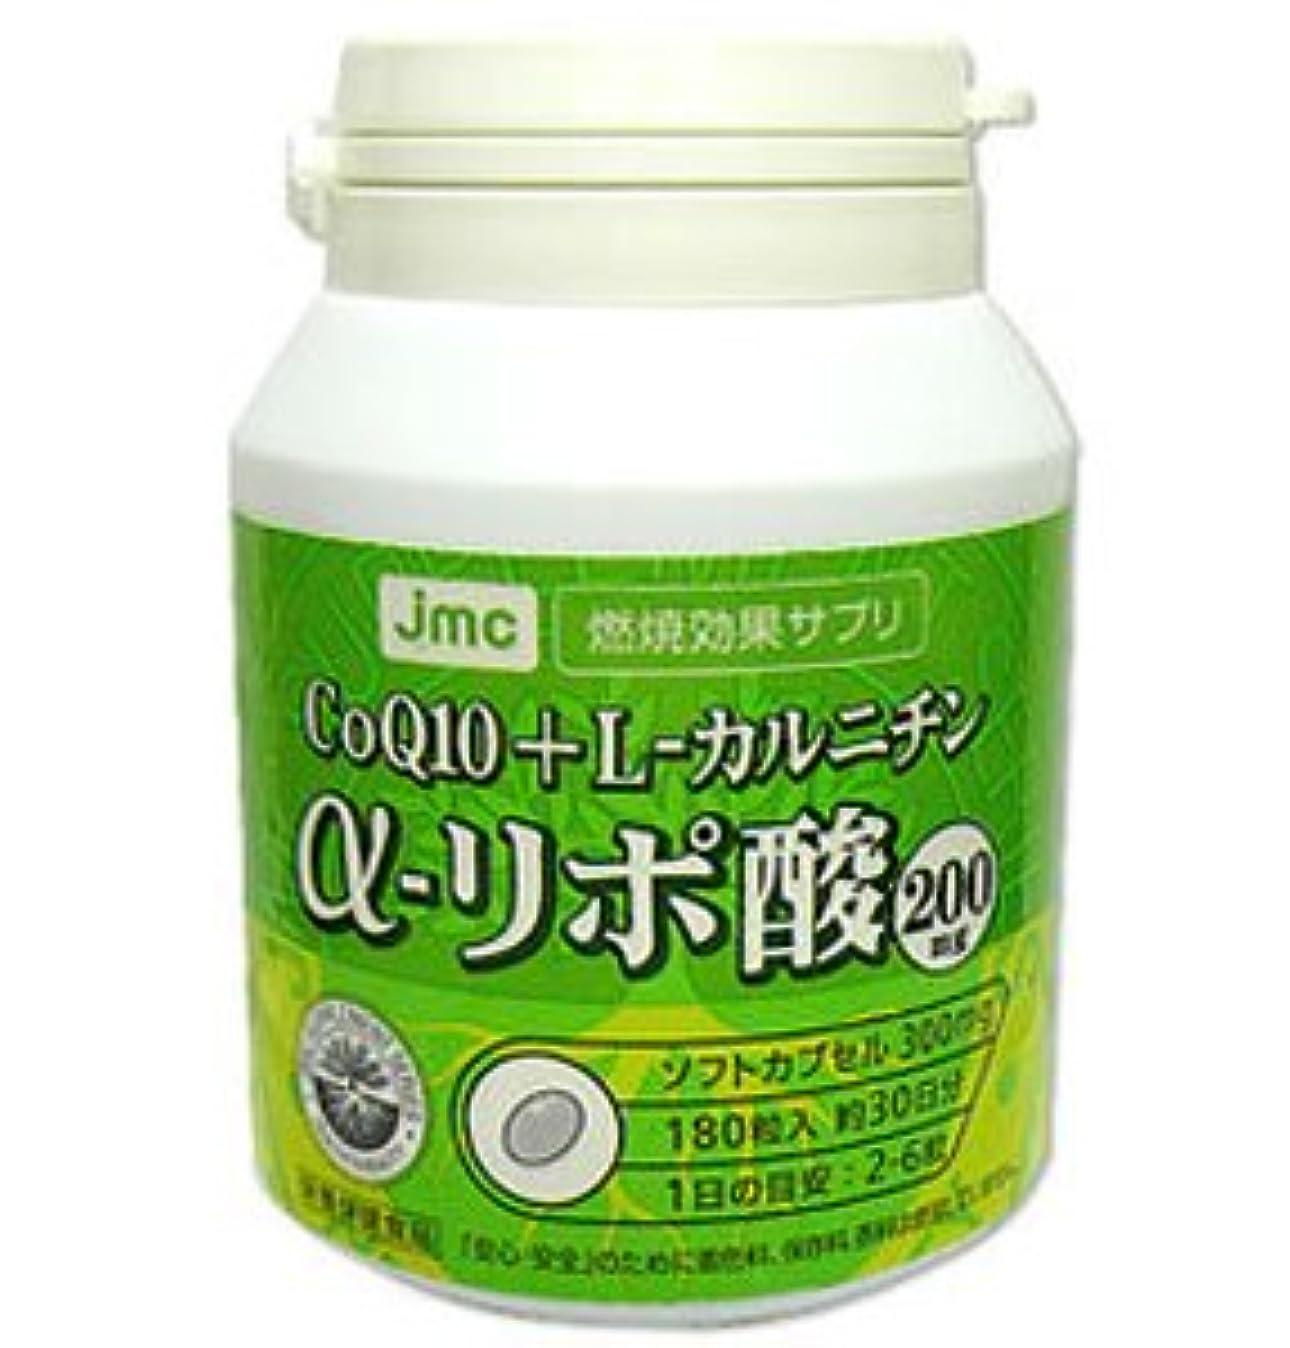 チーズ独創的プーノα-リポ酸200mg(αリポ酸、COQ10、L-カルニチン、共役リノール酸配合ダイエットサプリ)